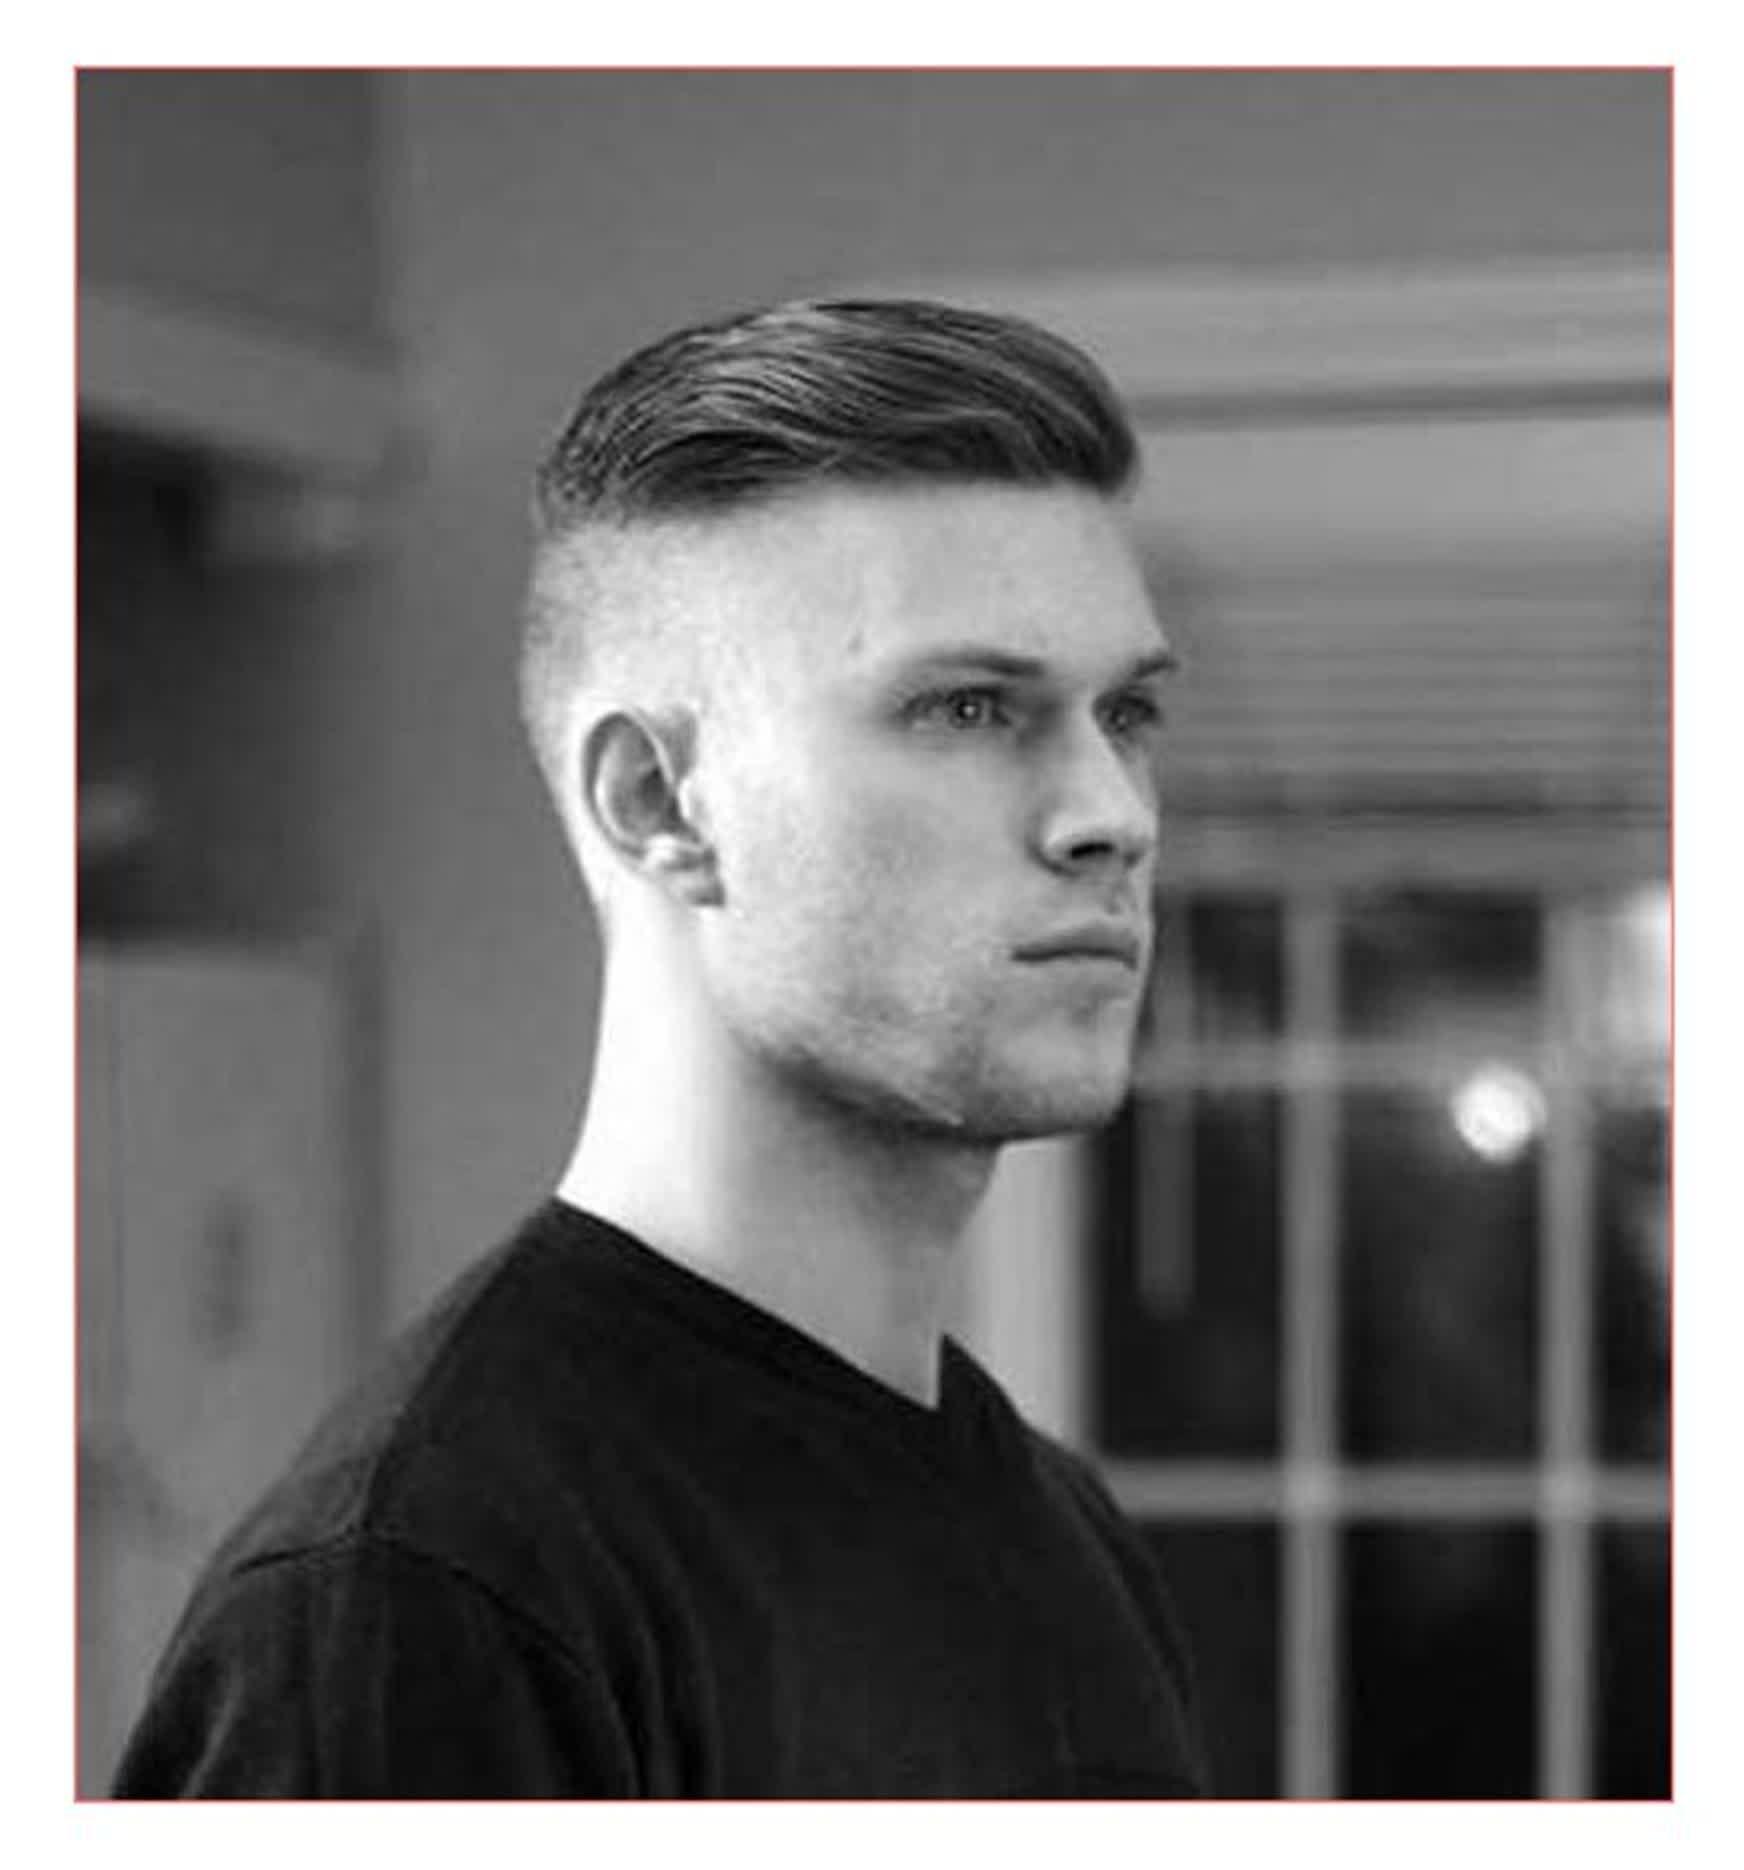 Luxus-Kurzhaarfrisuren für Männer #männerfrisuren #20 ...